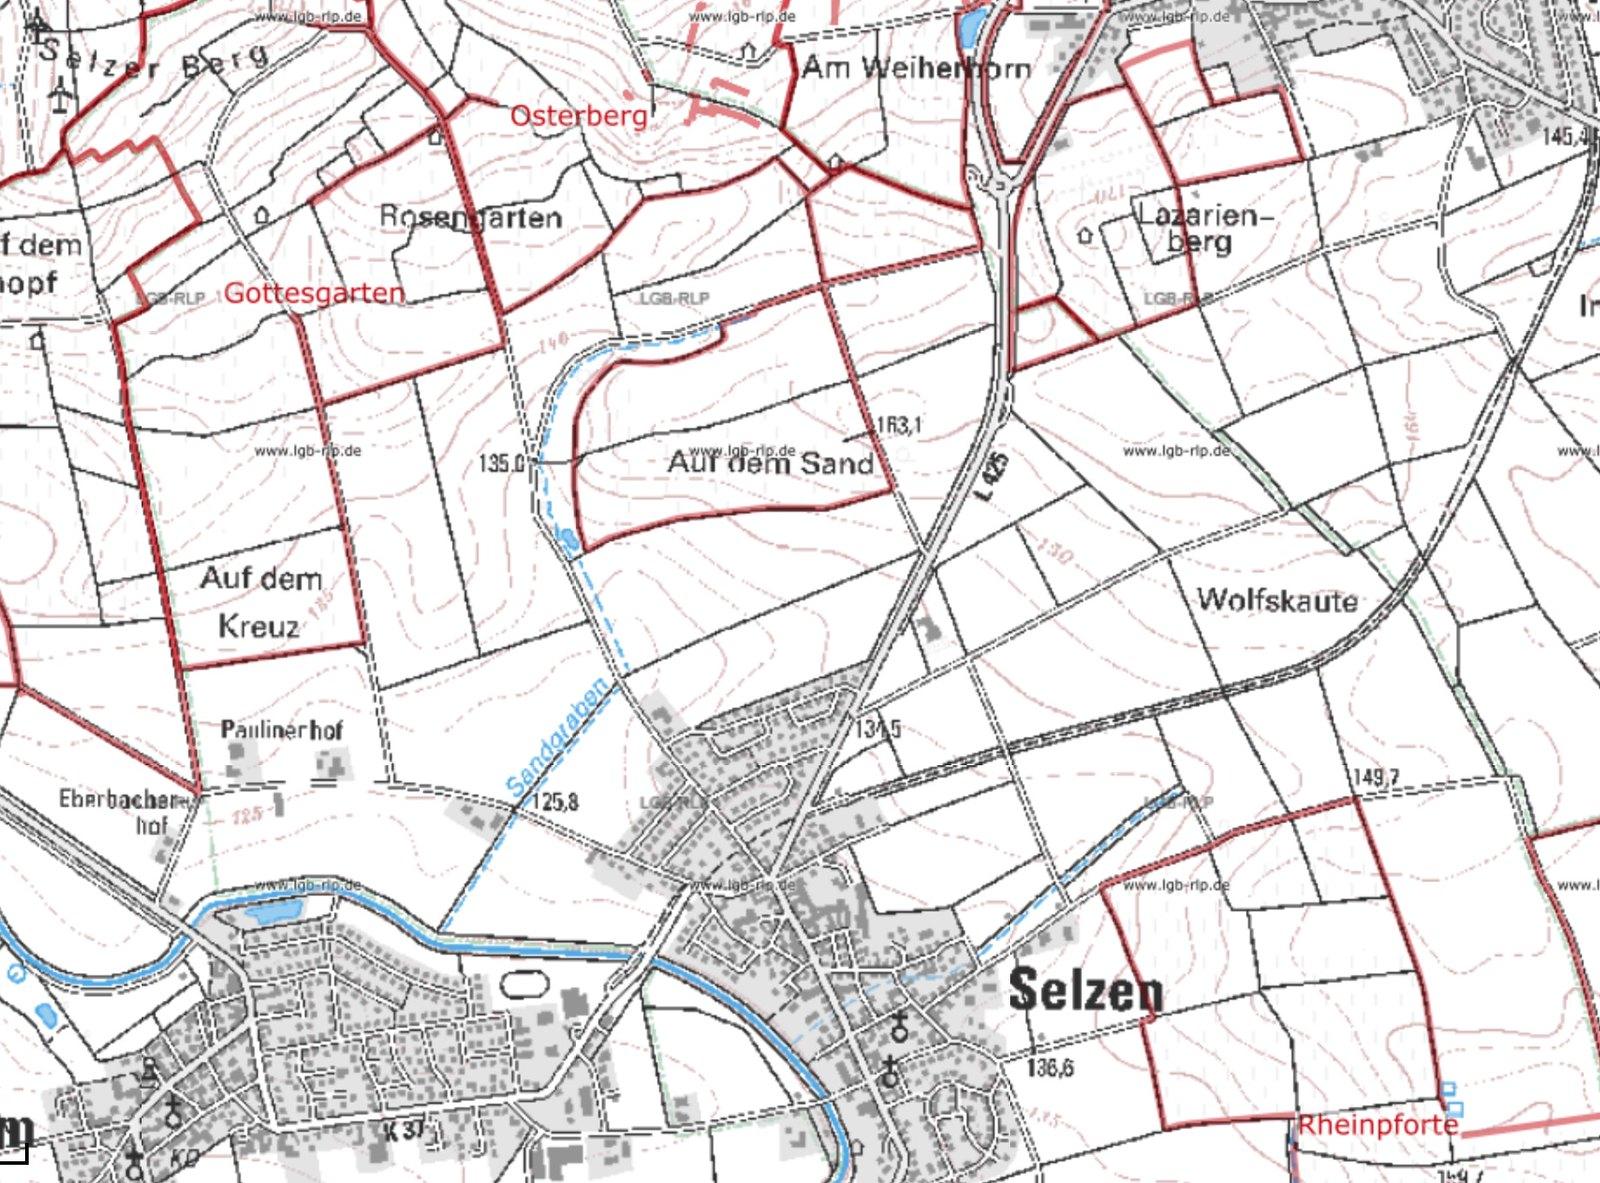 Selzer Weinlagen: Gottesgarten, Osterberg, Rheinpforte (Quelle: Kartenviewer Landesamt für Geologie und Bergbau Rheinland-Pfalz)